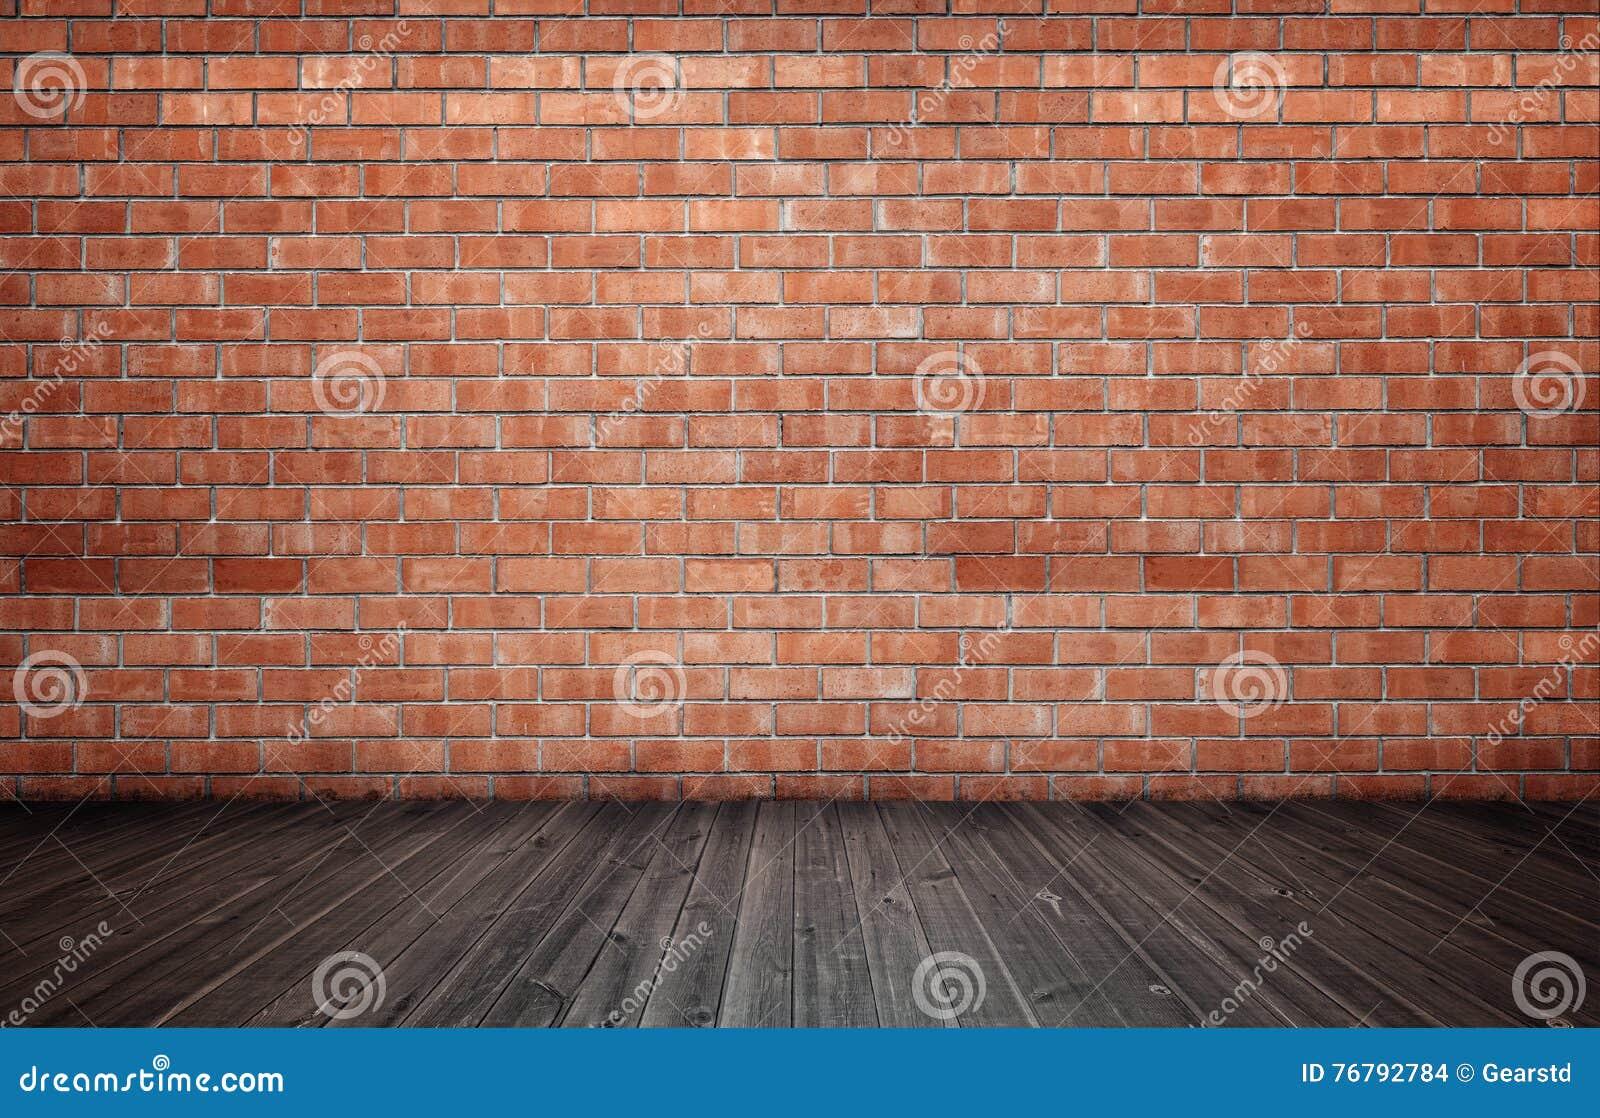 mur brique rouge interieur idees deco murs en briques pour votre interieur loft couleurs. Black Bedroom Furniture Sets. Home Design Ideas